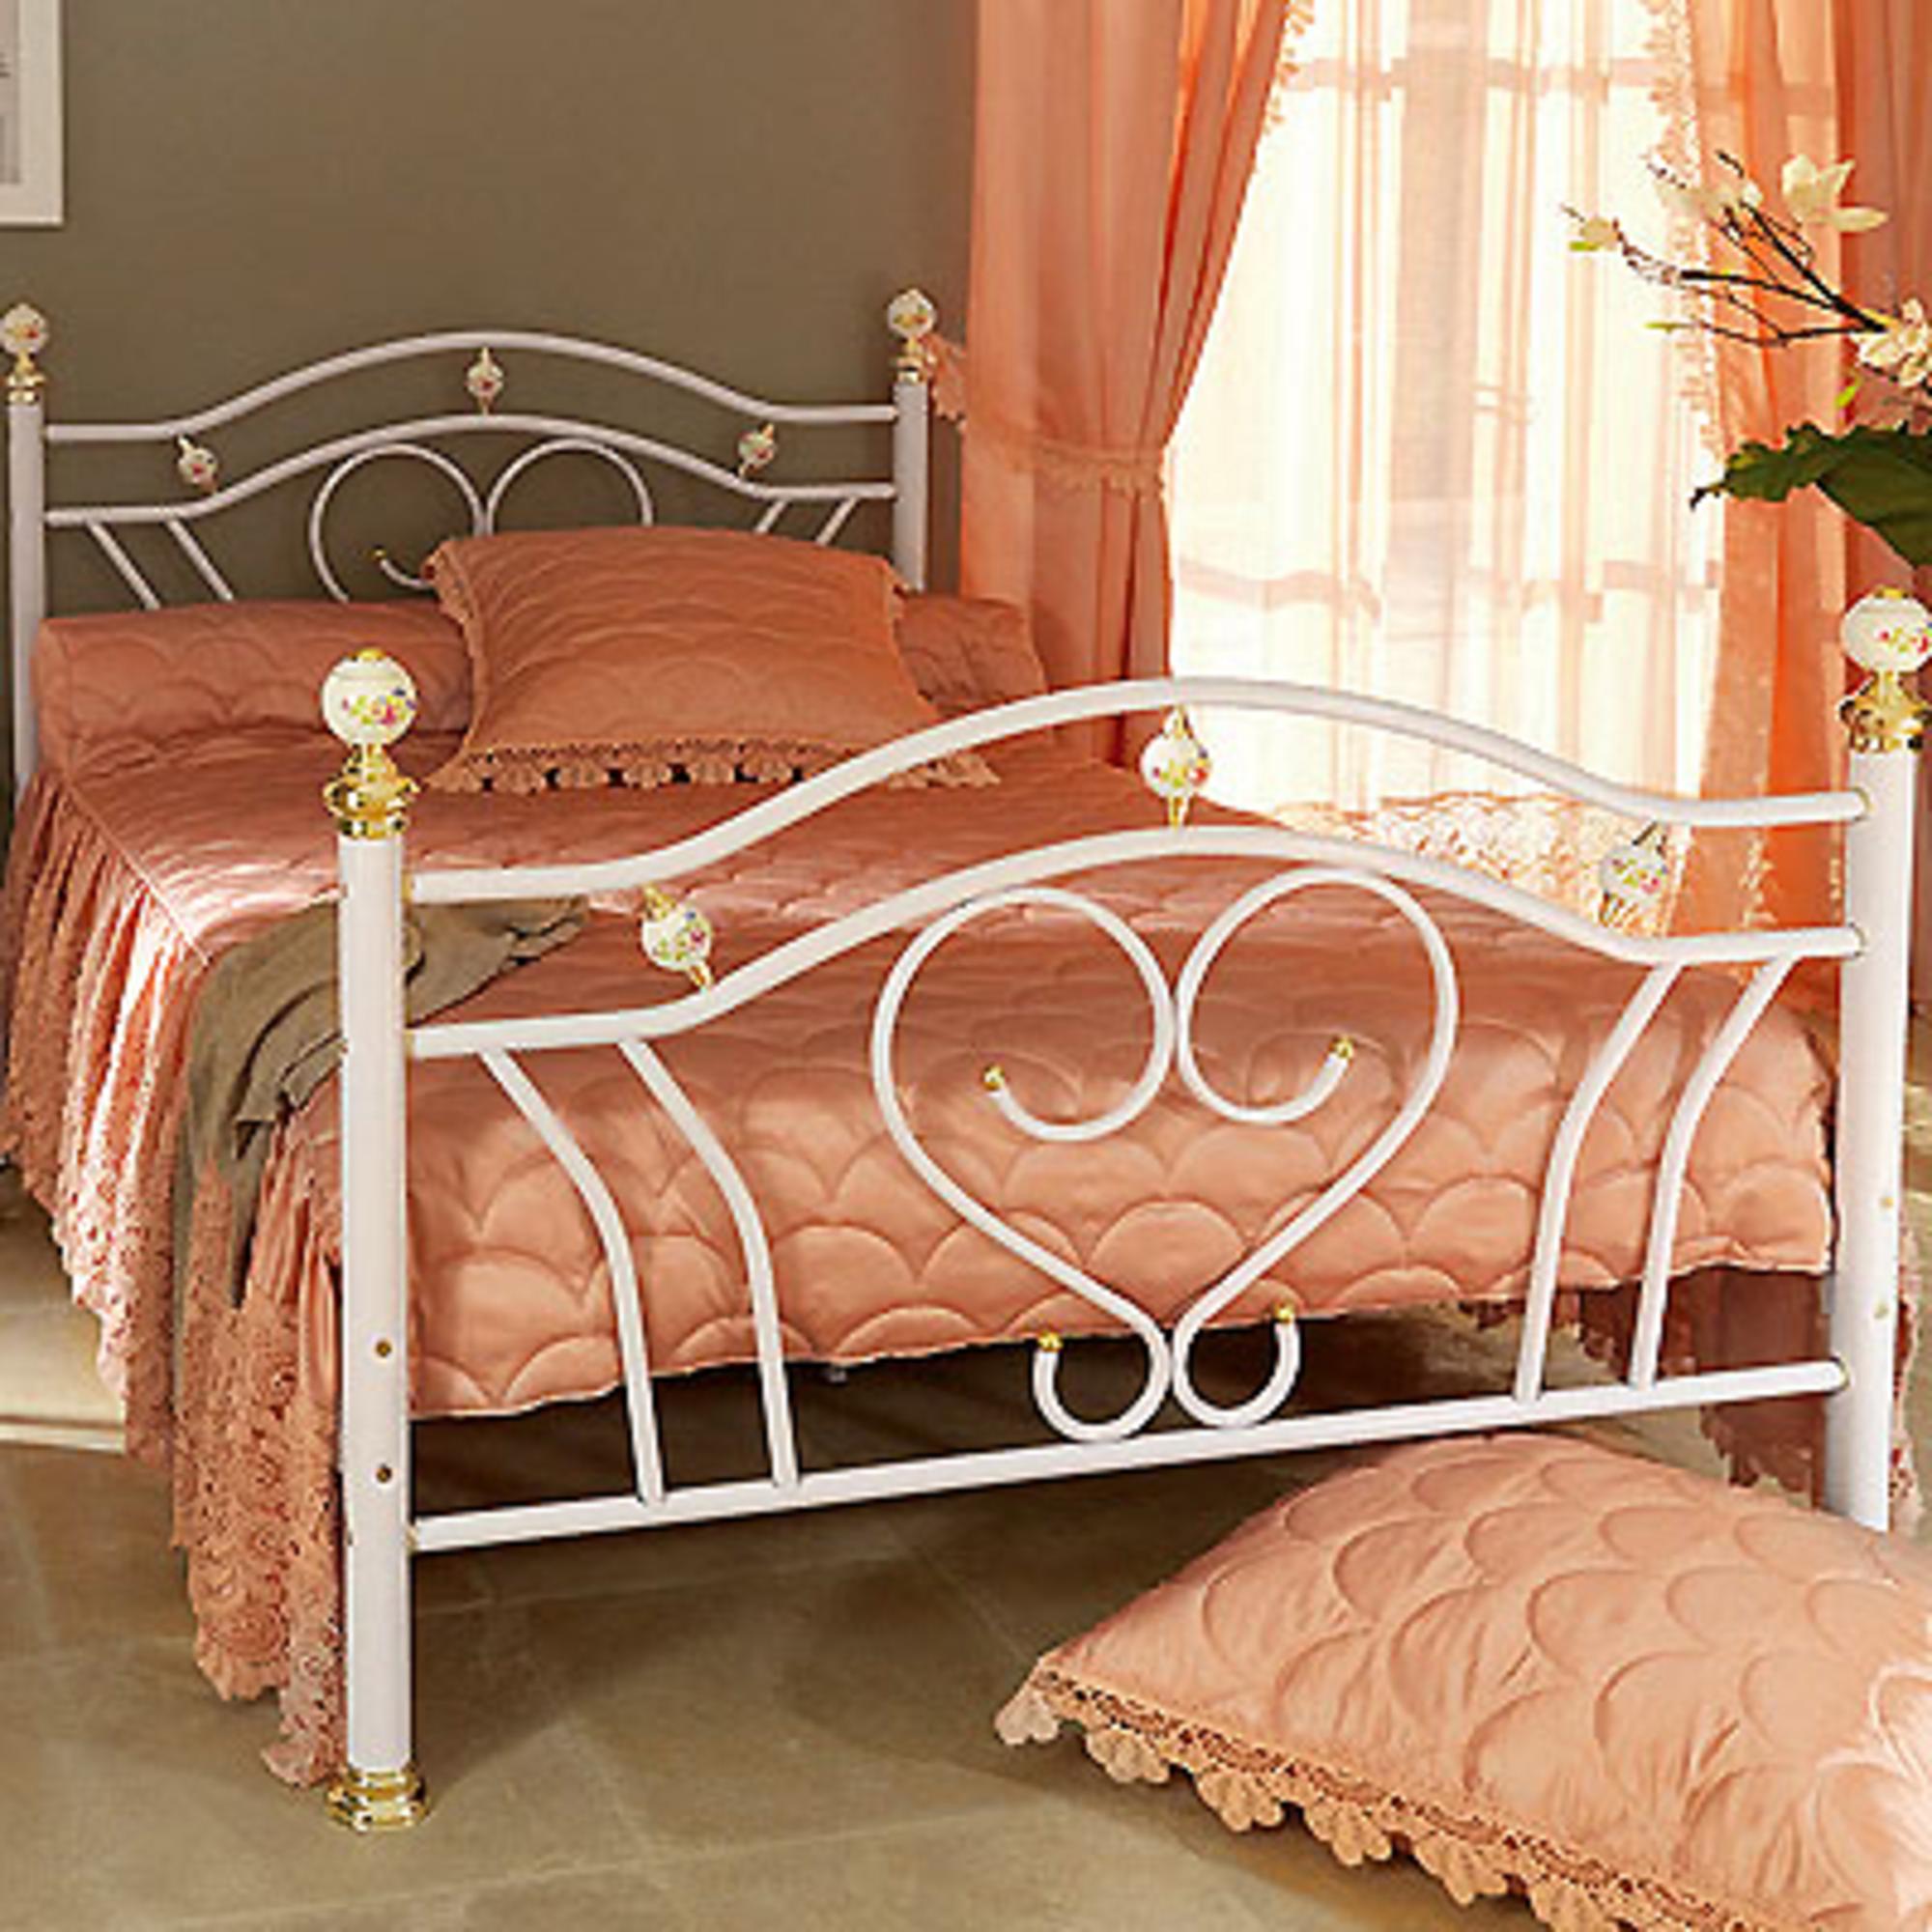 c lit 2p 3v satin macrame isabella rose anniversaire 40 ans acheter ce produit au meilleur. Black Bedroom Furniture Sets. Home Design Ideas